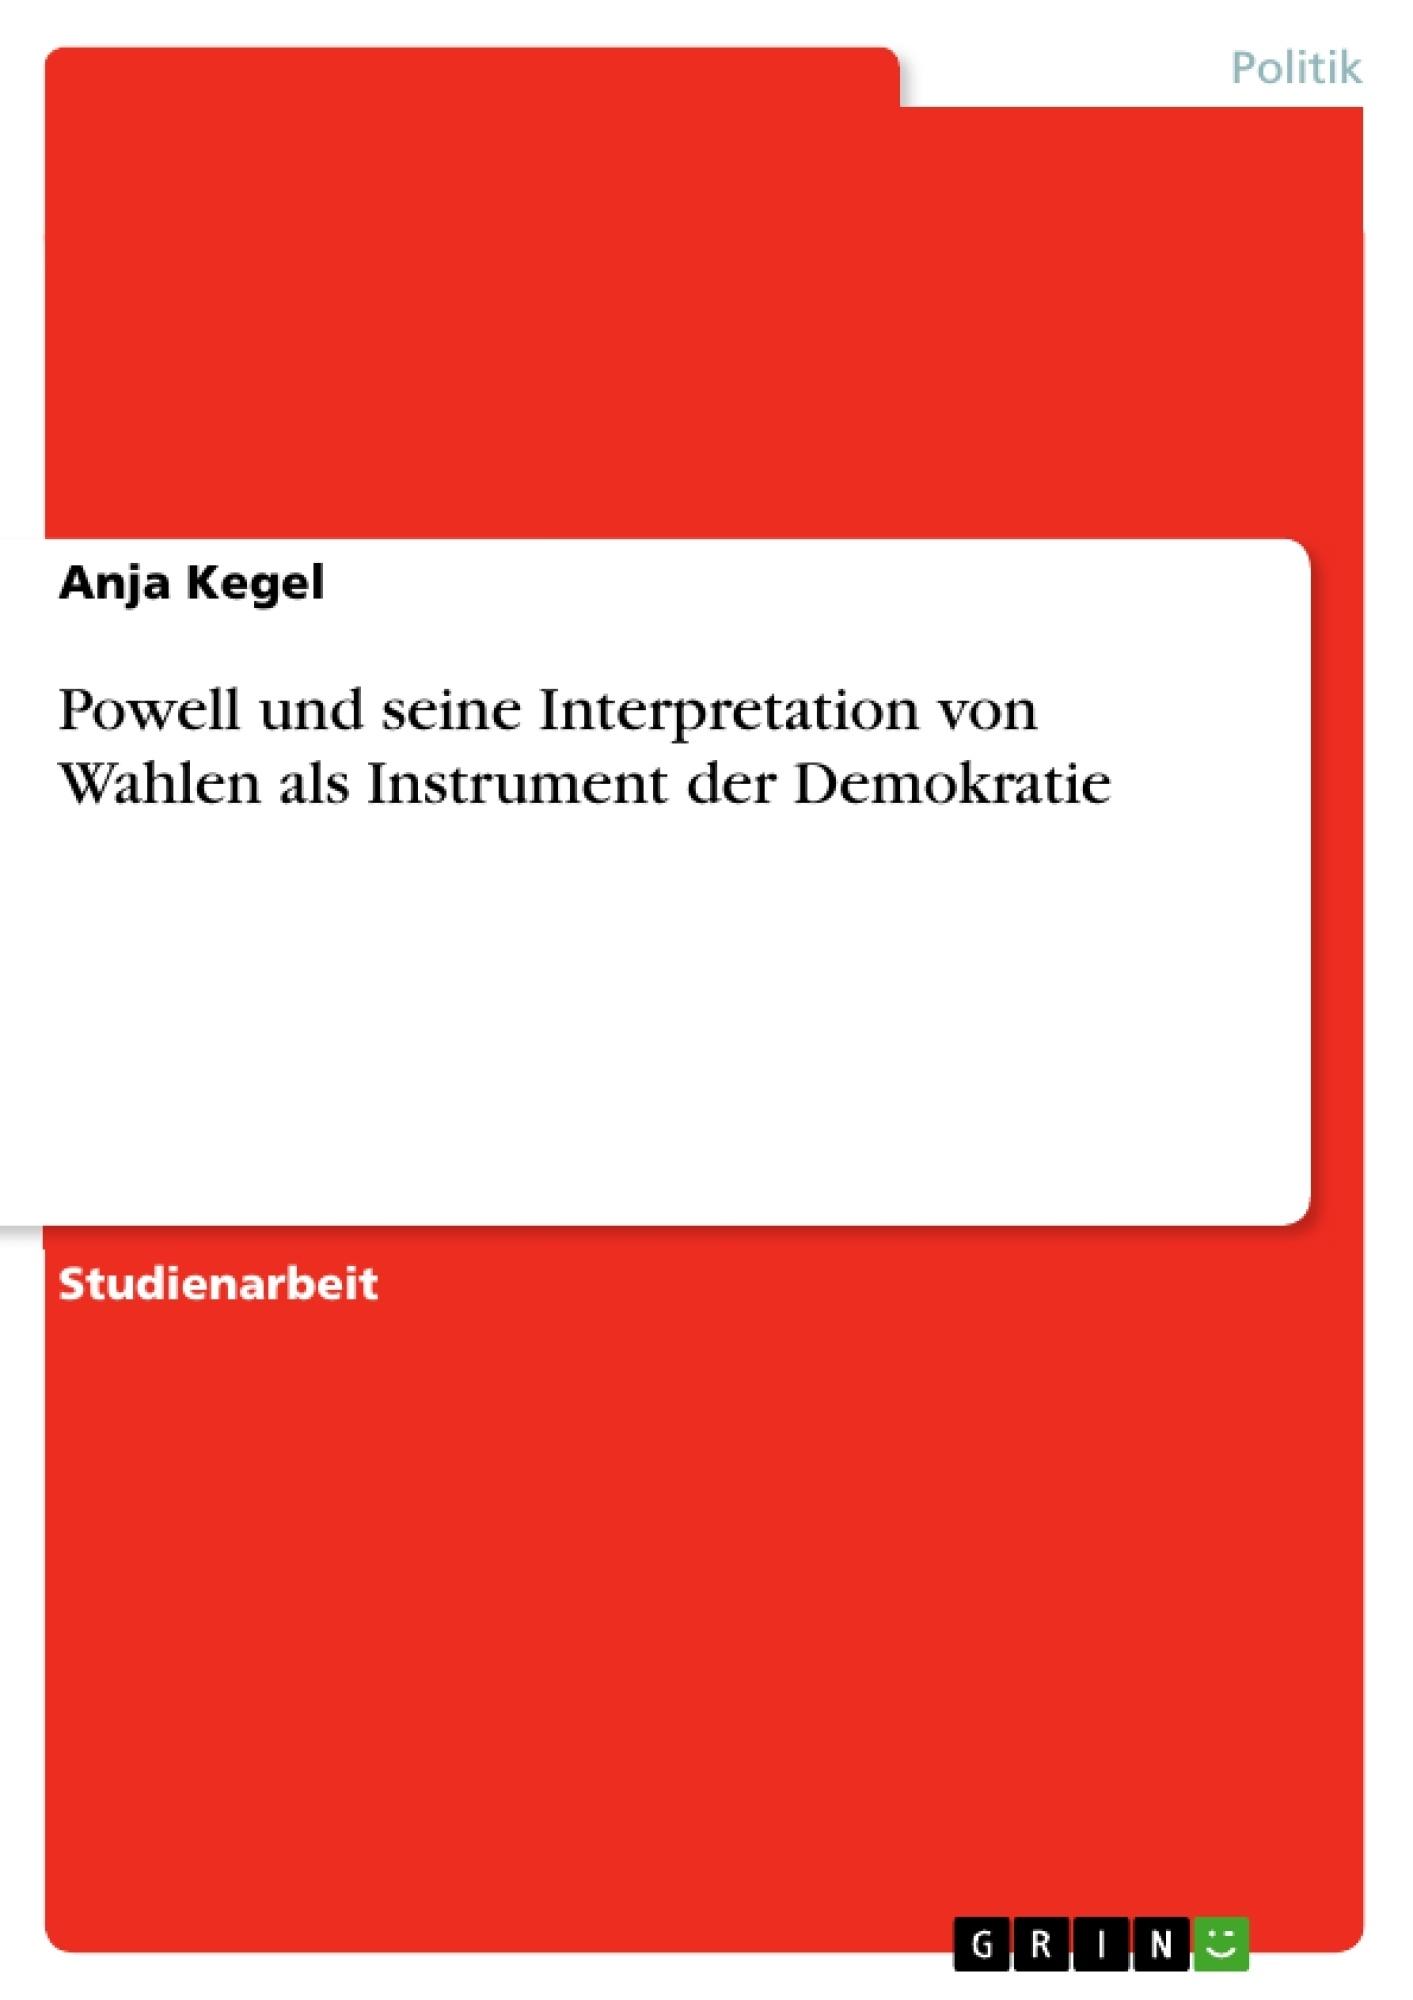 Titel: Powell und seine Interpretation von  Wahlen als Instrument der Demokratie